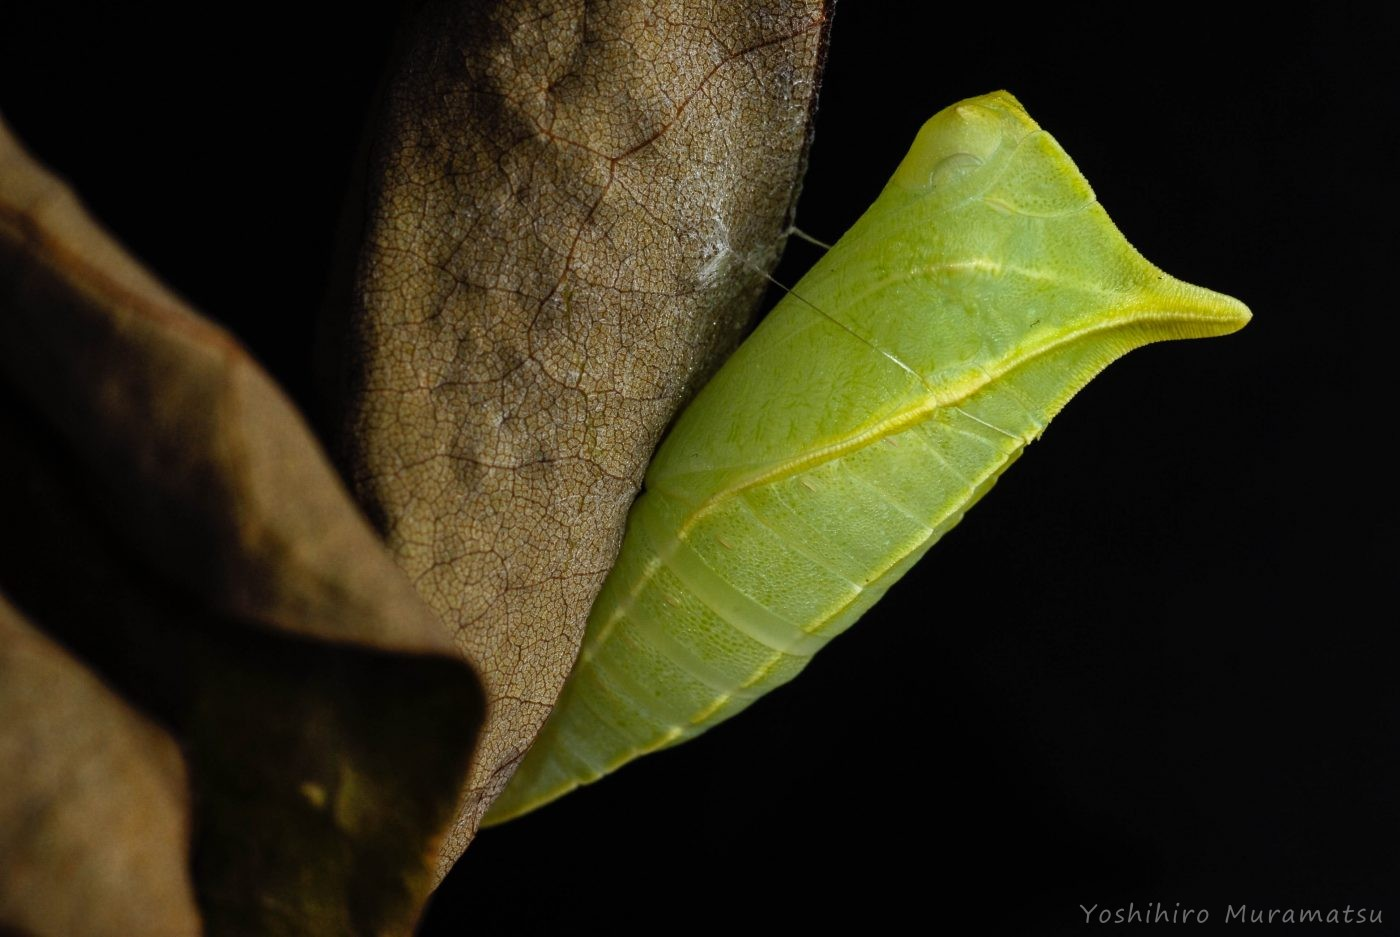 アオスジアゲハ蛹